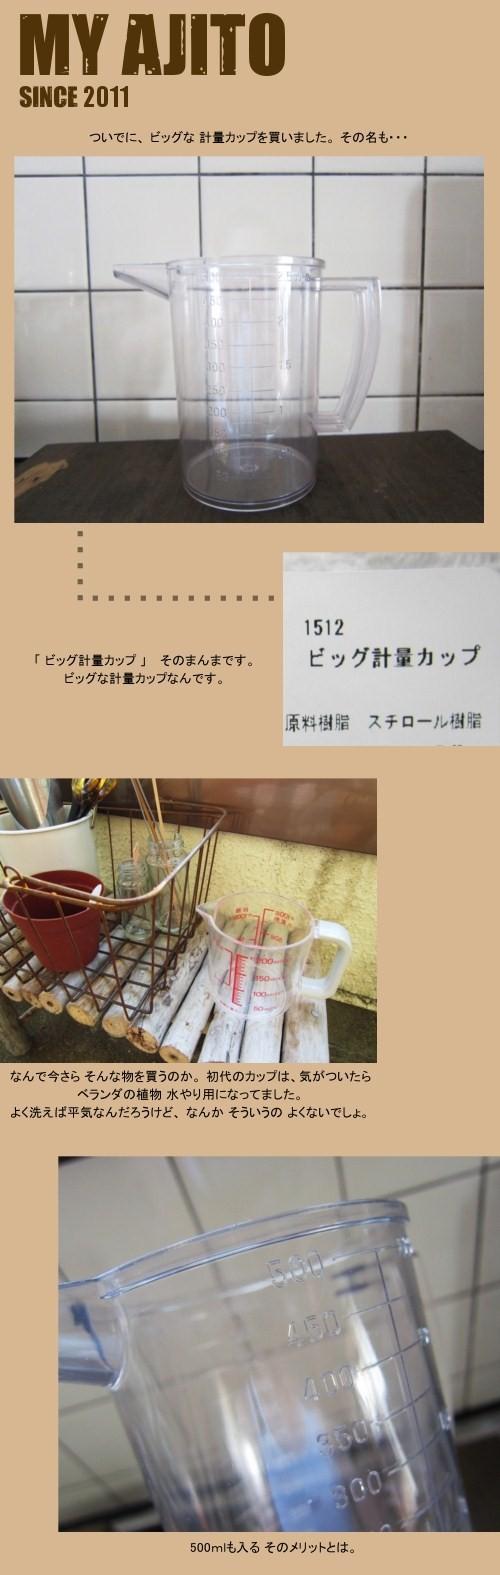 hya_n_02JPG.jpg